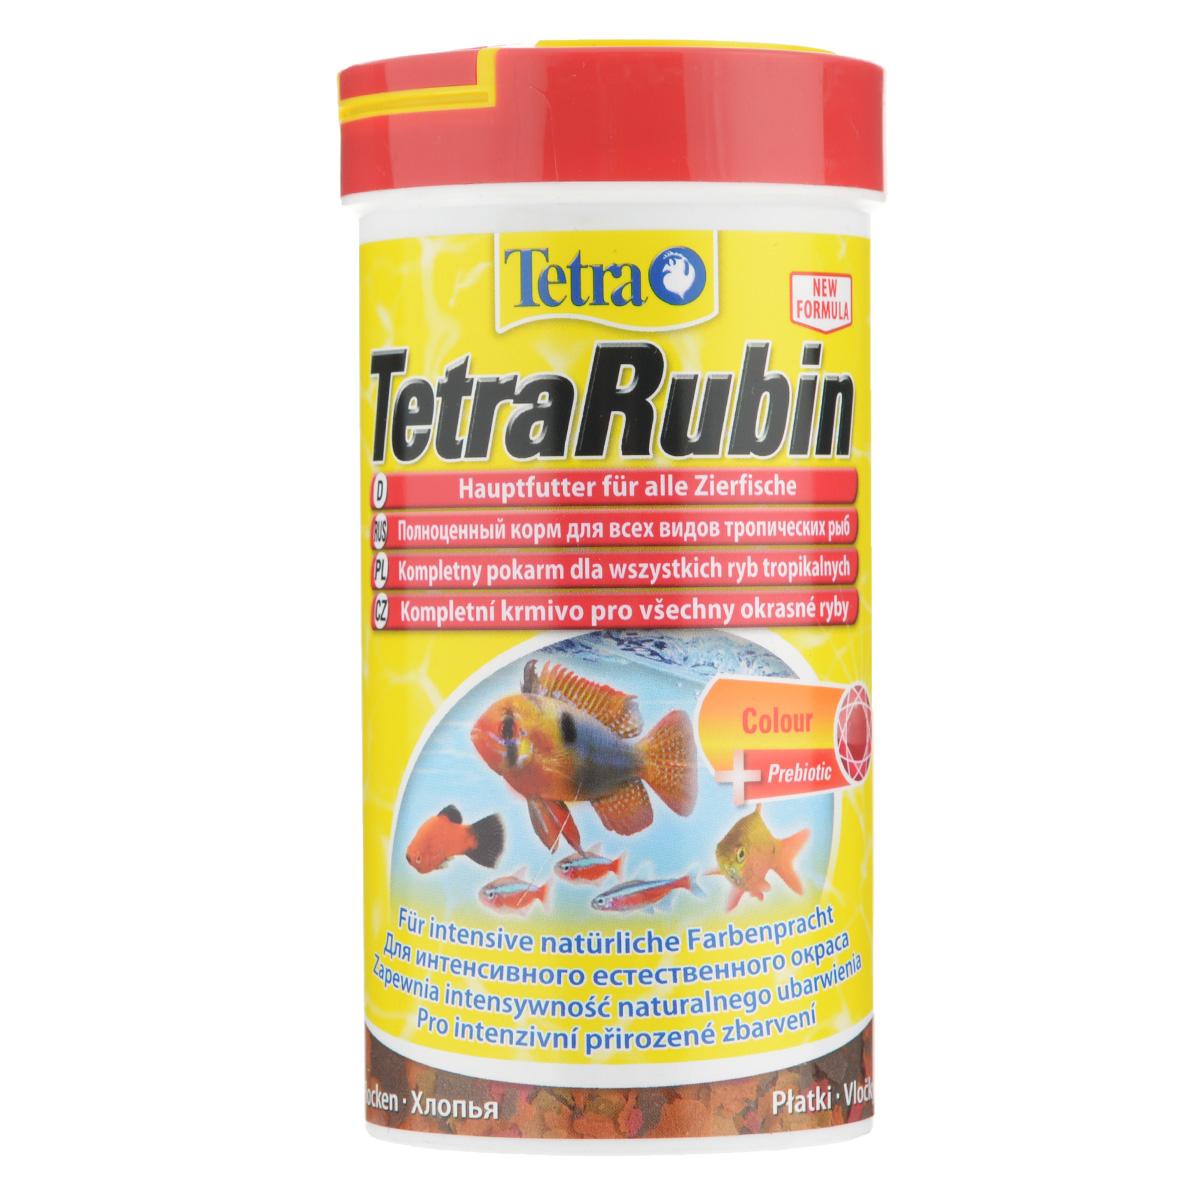 Корм TetraRubin для всех видов аквариумных тропических рыб, в виде хлопьев, 2500120710Корм TetraRubin - это биологически сбалансированный корм для здоровья и красоты рыб. Превосходная смесь хлопьев со специальным комплексом усилителей цвета обеспечивает полноценное питание рыб и подходит для ежедневного кормления. Особенности TetraRubin:высокое содержание усилителей естественного цвета обеспечивает красивый окрас для всех красных, оранжевых и желтых тропических рыб. Рекомендации по кормлению: кормите несколько раз в день маленькими порциями. Характеристики: Состав: рыба и побочные рыбные продукты, экстракты растительного белка, зерновые культуры, дрожжи, моллюски и раки, водоросли, минеральные вещества, масла и жиры, сахар (Олигофруктоза 0,9%).Пищевая ценность: сырой белок - 46%, сырые масла и жиры - 11%, сырая клетчатка - 2%, влага - 6%.Добавки: витамины, провитамины и химические вещества с аналогичным воздействием: витамин А 40820 МЕ/кг, витамин Д3 2320 МЕ/кг. Комбинации микроэлементов: Е5 Марганец 78 мг/кг, Е6 Цинк 46 мг/кг, Е1 Железо 30 мг/кг. Красители, антиоксиданты. Вес: 250 мл (52 г).Товар сертифицирован.